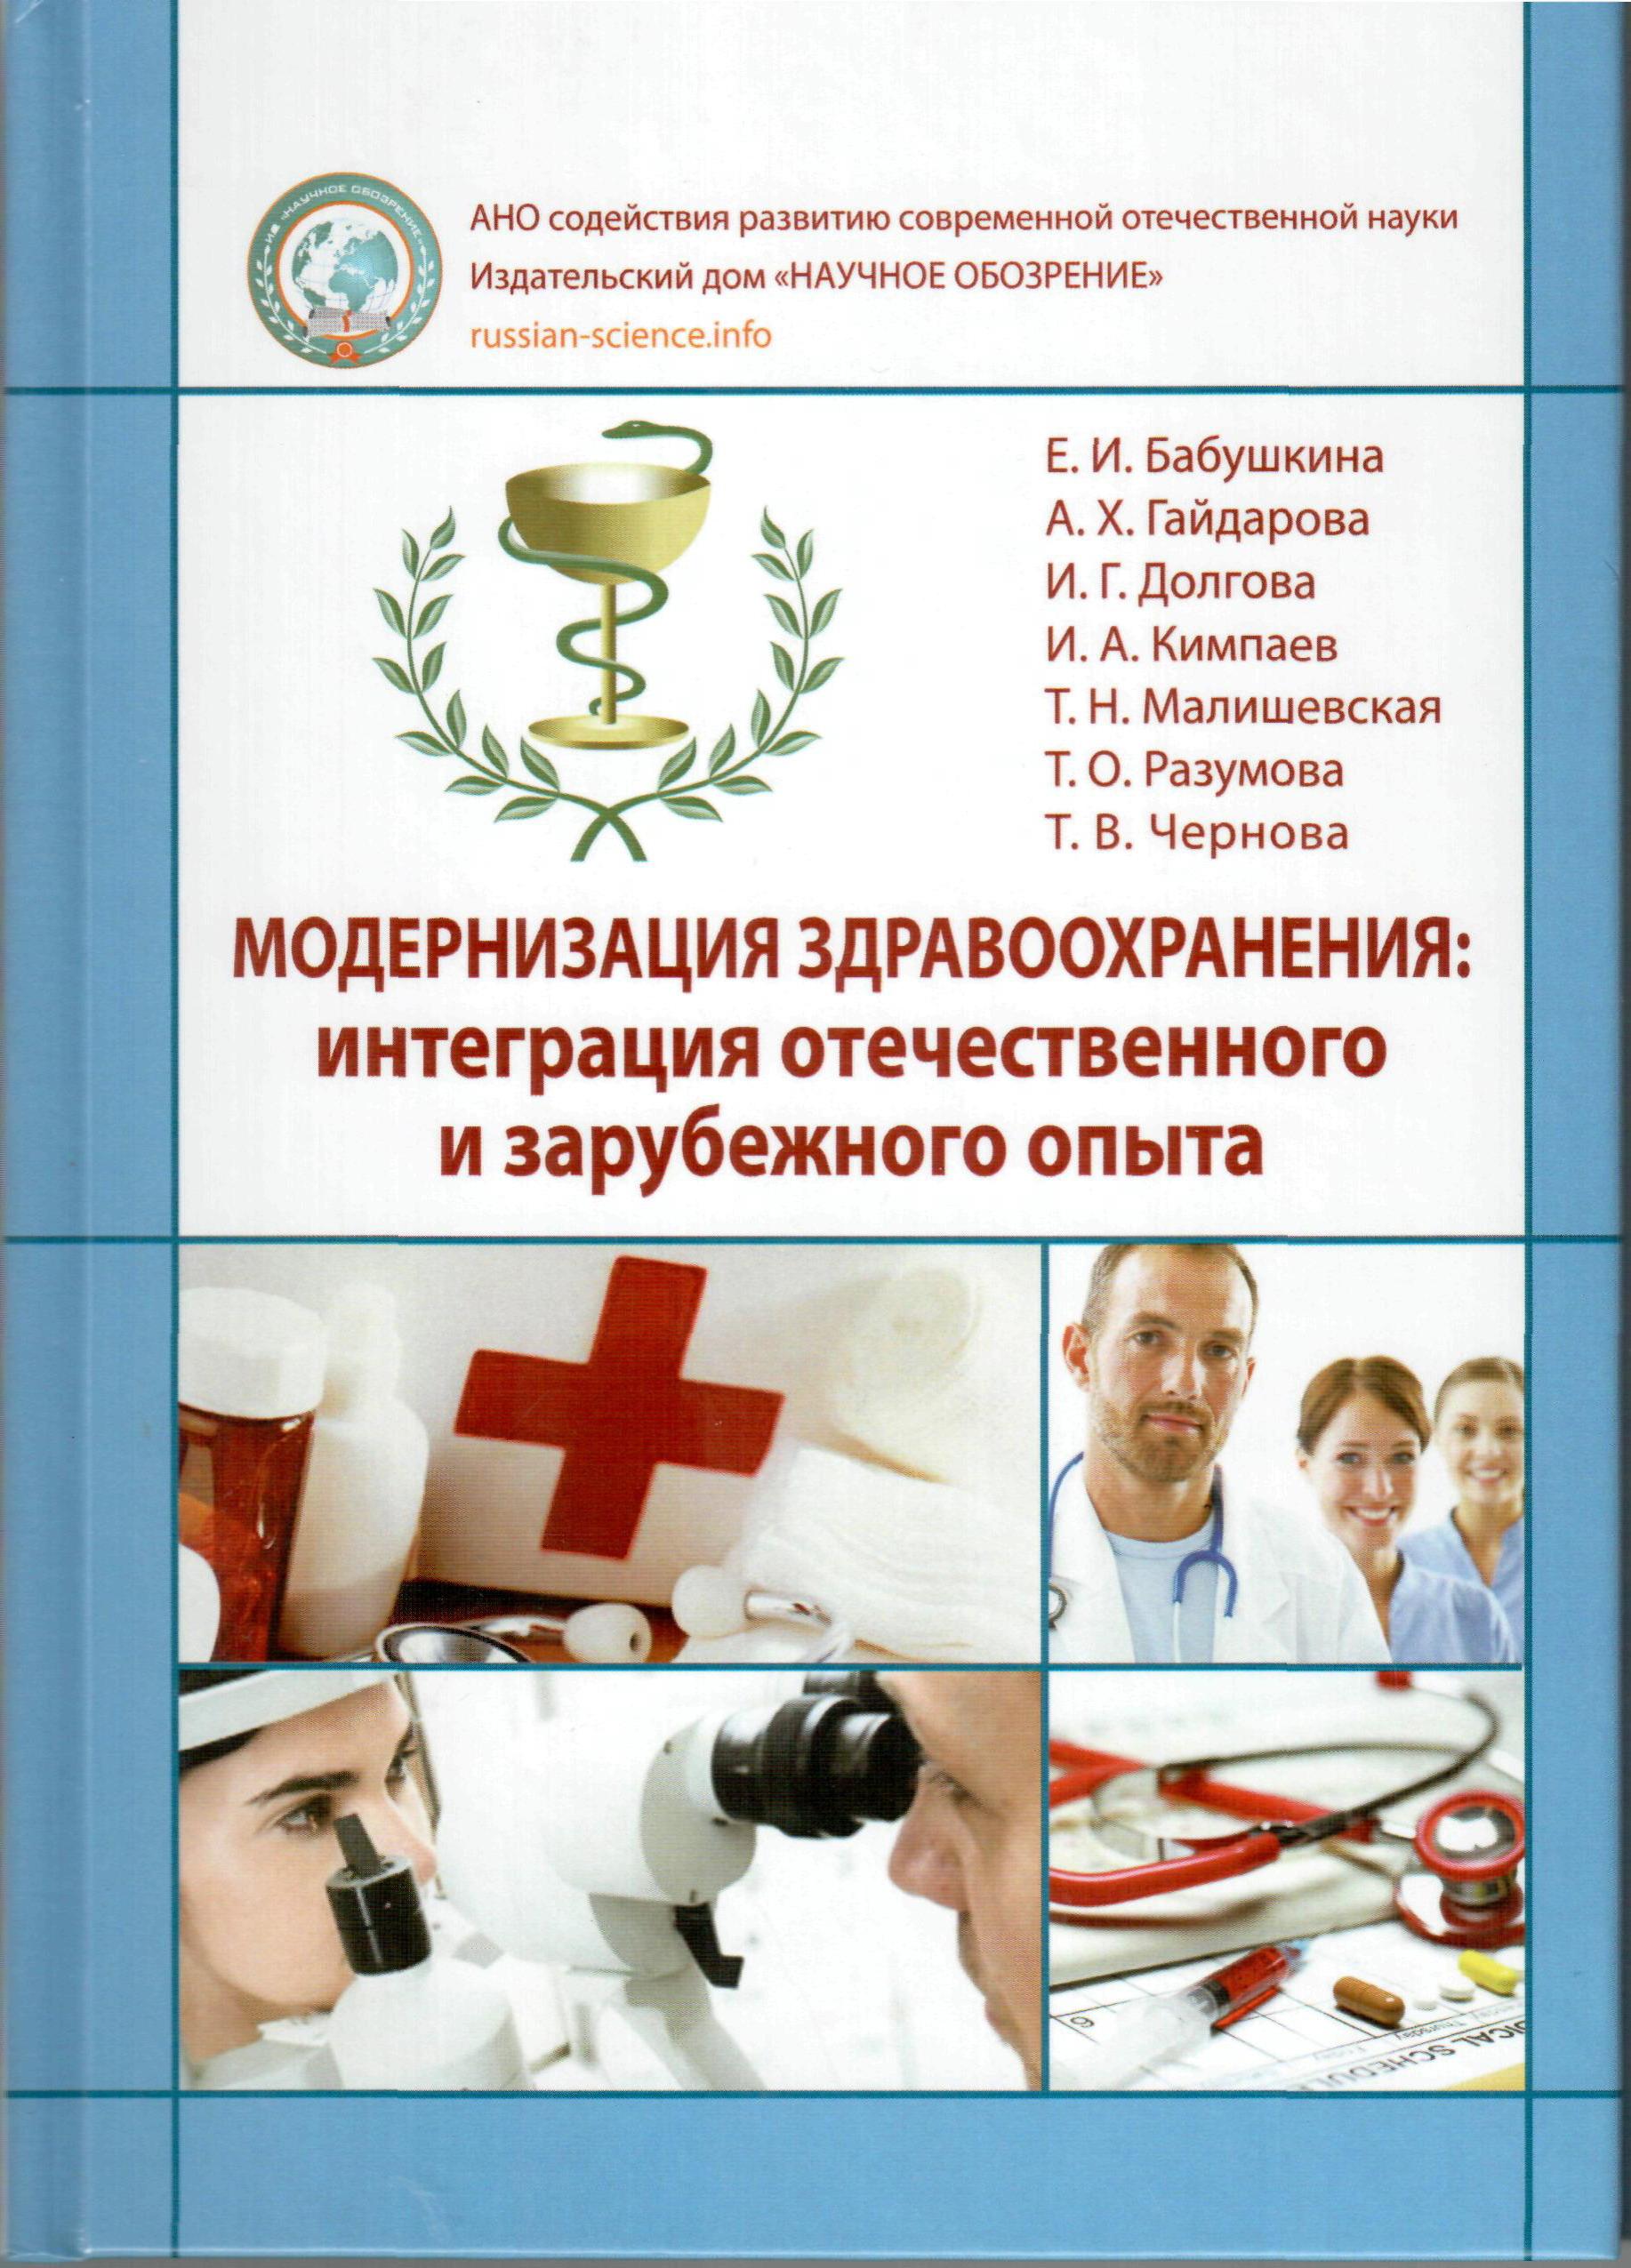 Модернизация здравоохранения: интеграция отечественного и зарубежного опыта